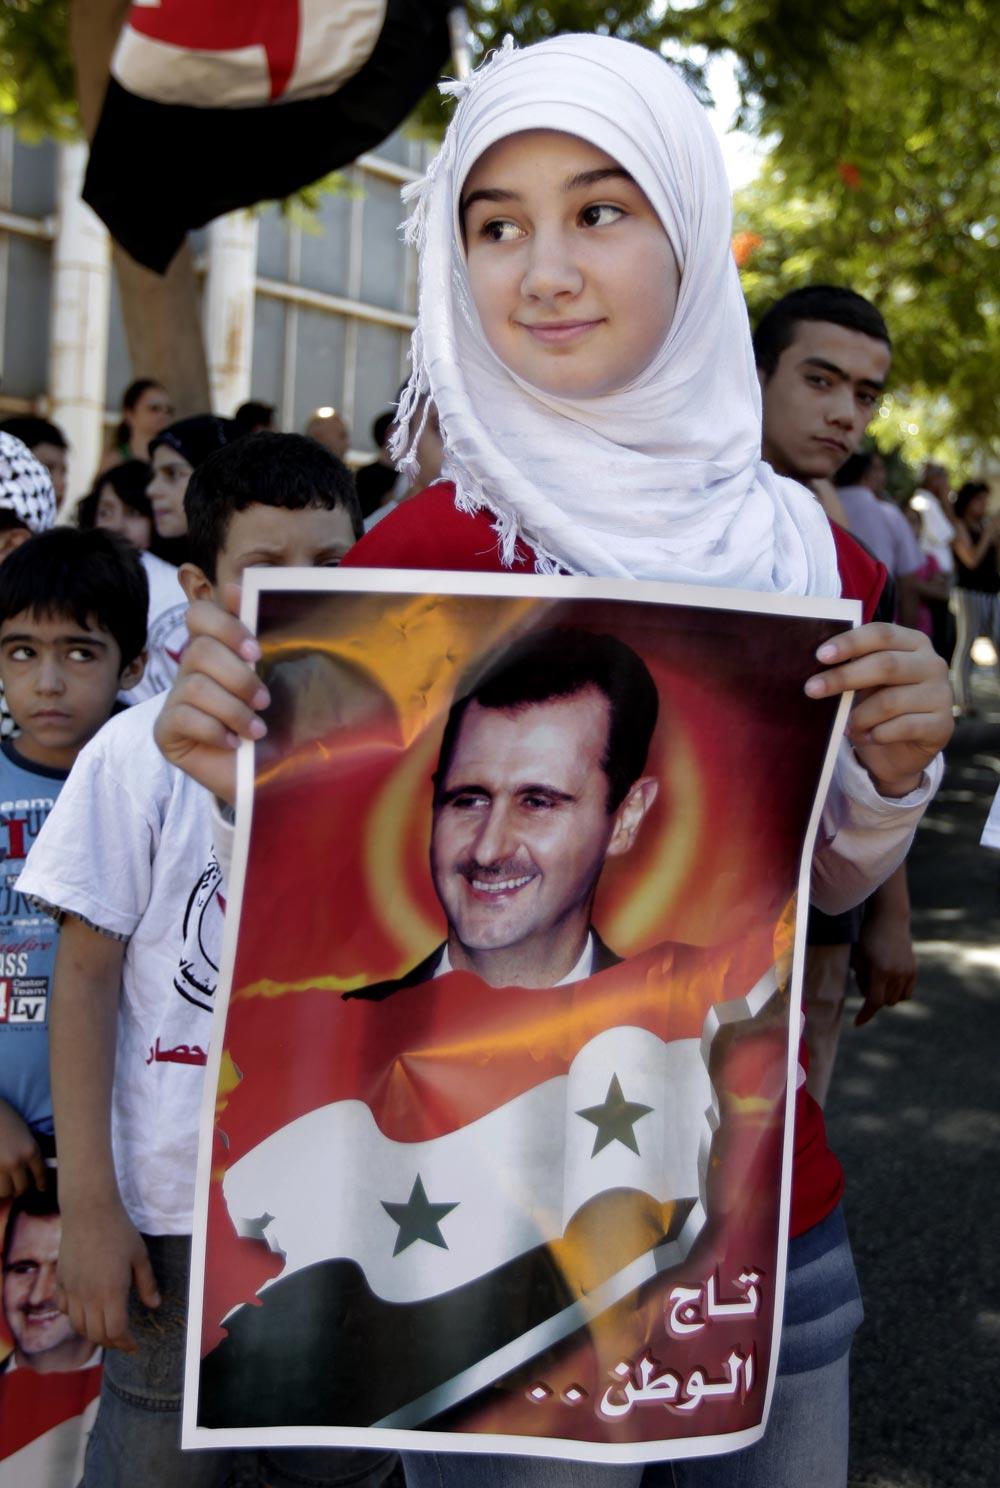 बेरूत में सीरियाई राष्ट्रपति बशर अल असद की एक प्रशंसक।